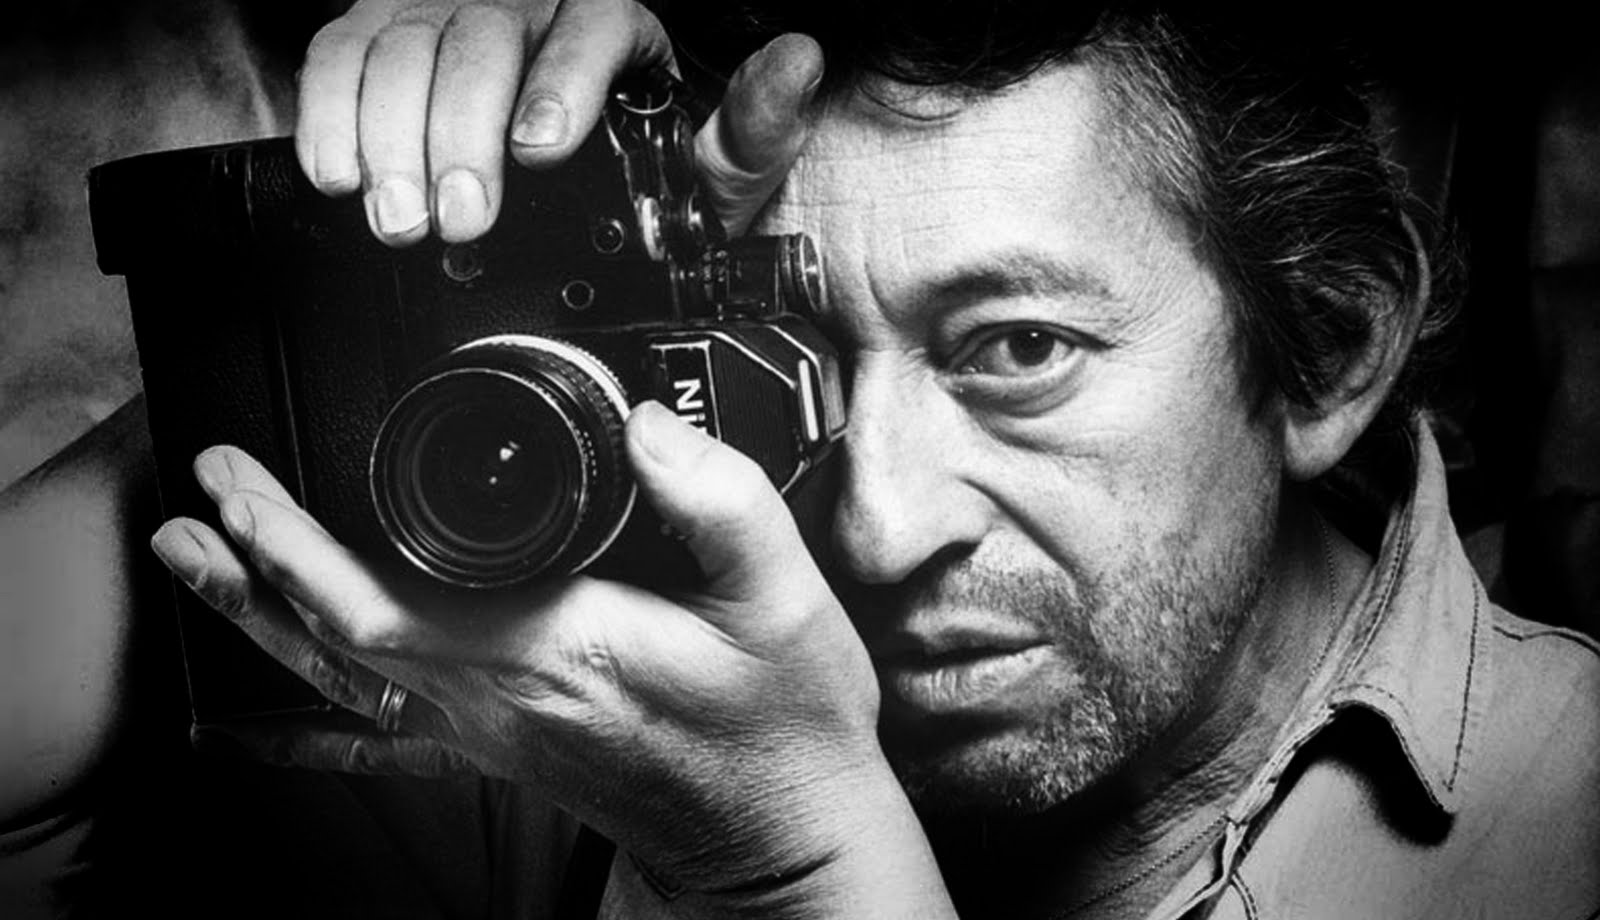 http://3.bp.blogspot.com/-nOZmdBlZD-Q/Te4jVLOJb8I/AAAAAAAAAFA/ycAqVwERUr4/s1600/Gainsbourg+2_LR.jpg